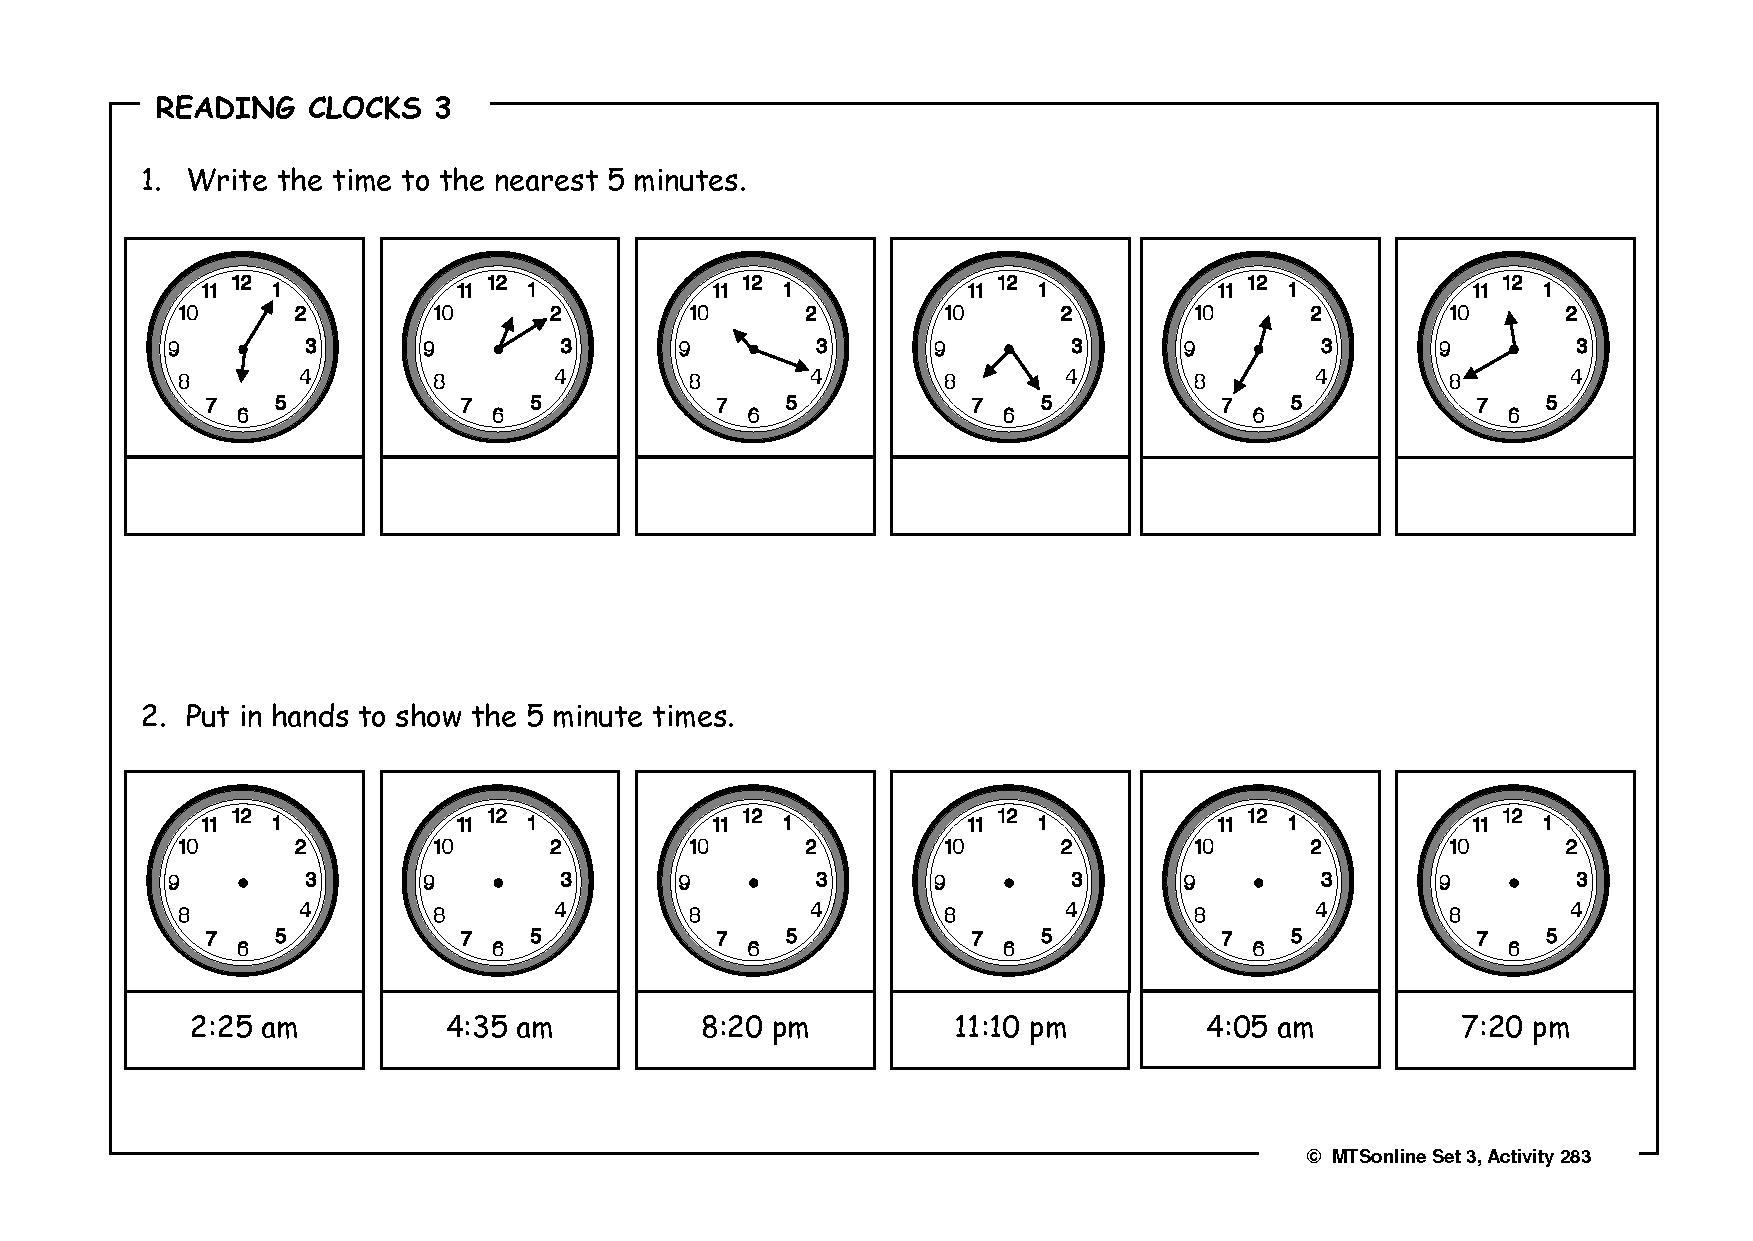 283reading_clocks_30001